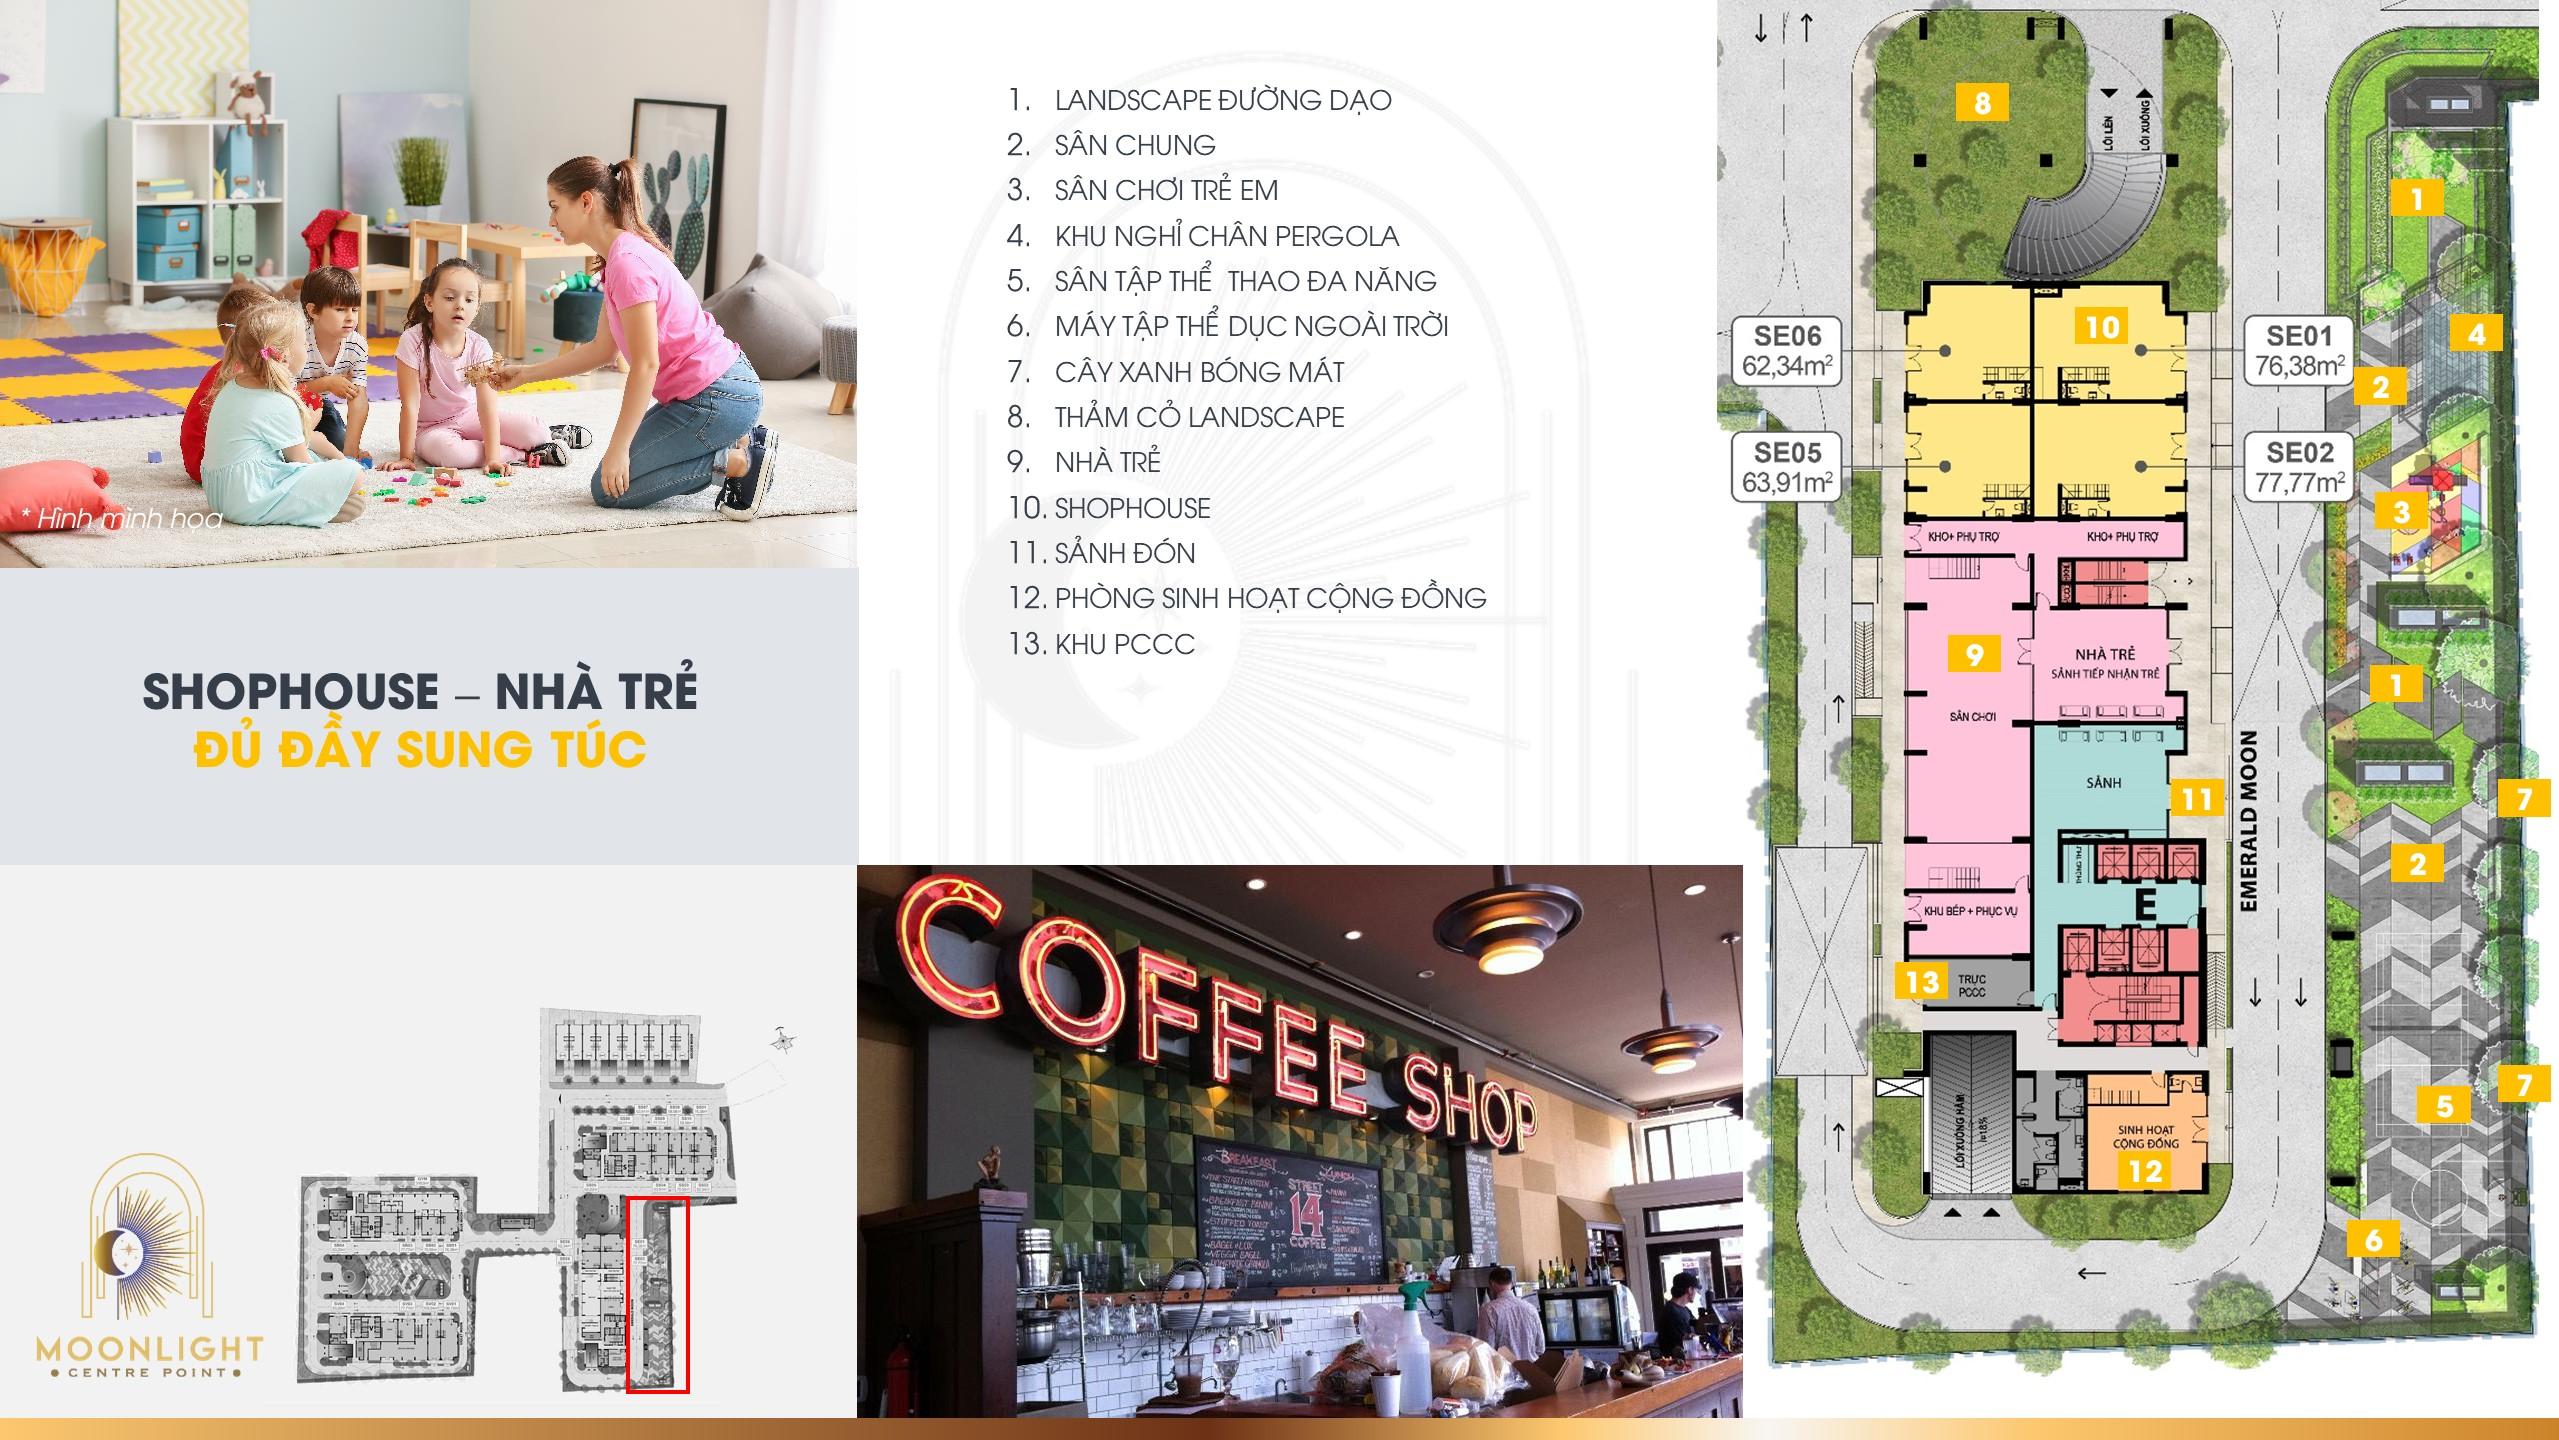 """Trãi nghiệm với không gian mua sắm tại các khu Shophouse và không gian """" Nhà trẻ """" đầy đủ sung túc"""